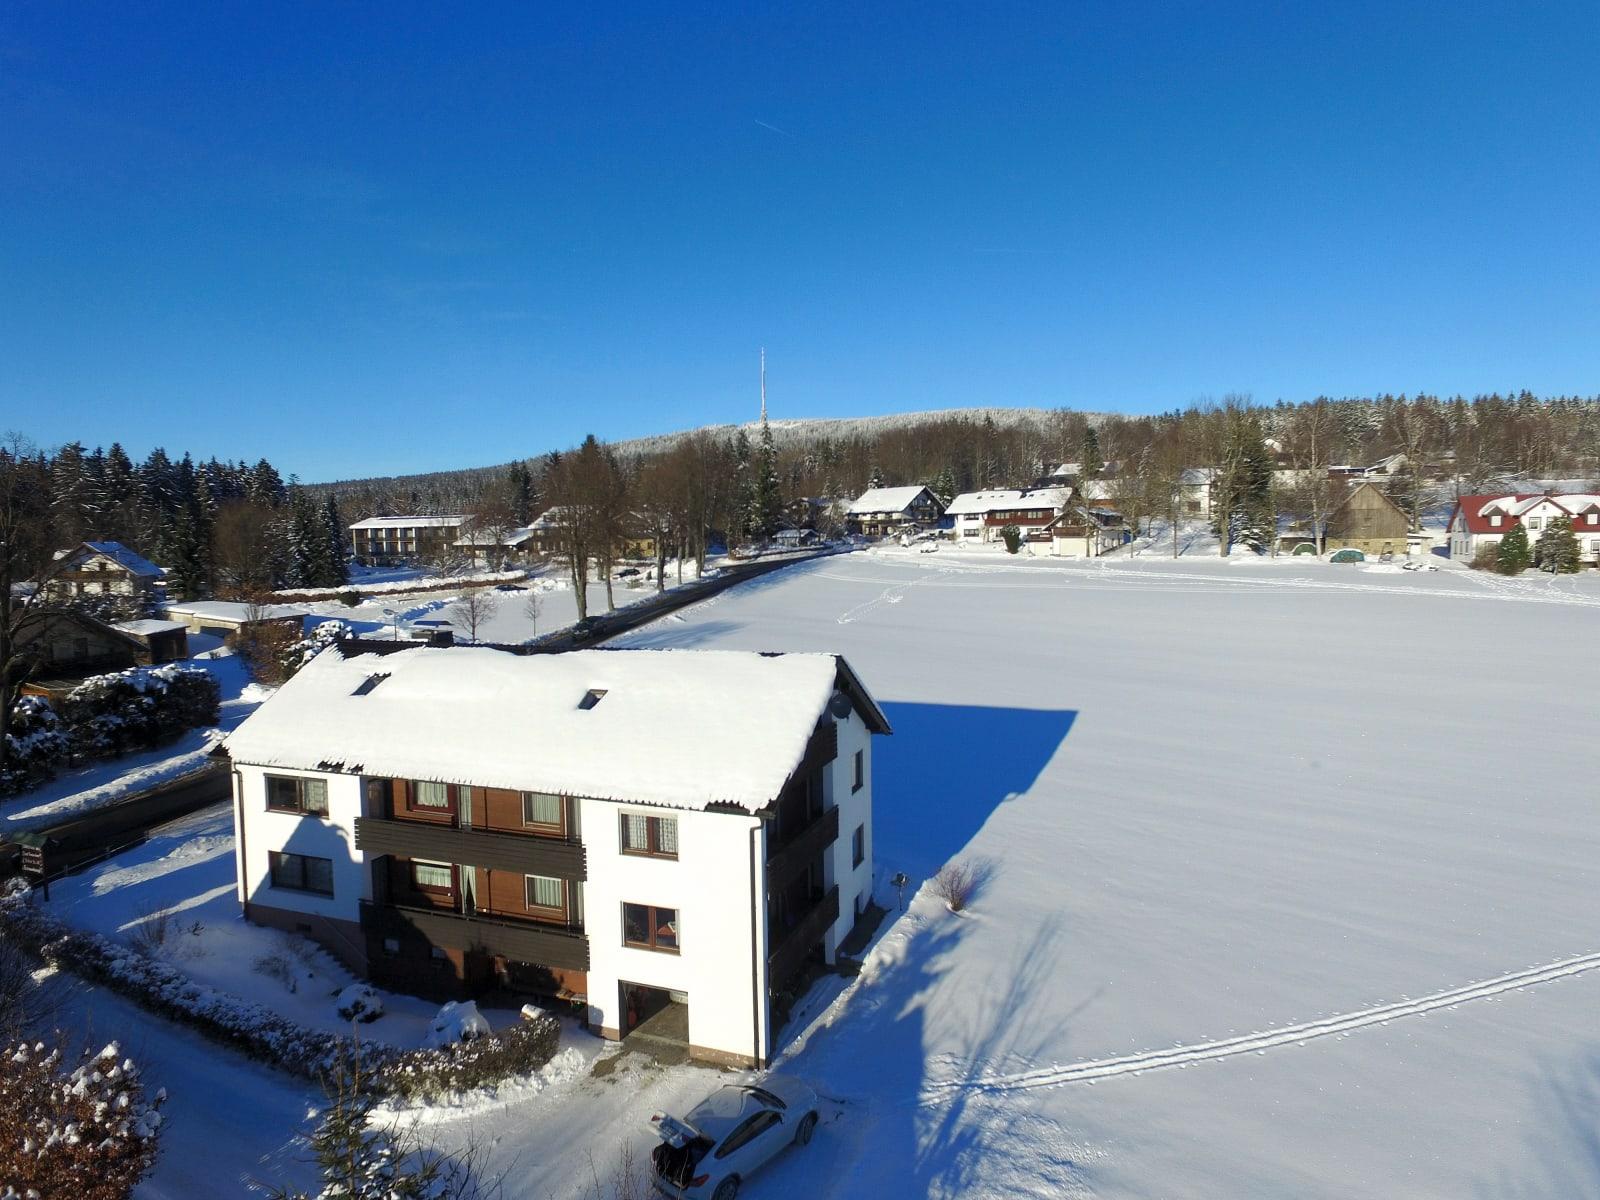 Winter Gästehaus Ney in Fleckl